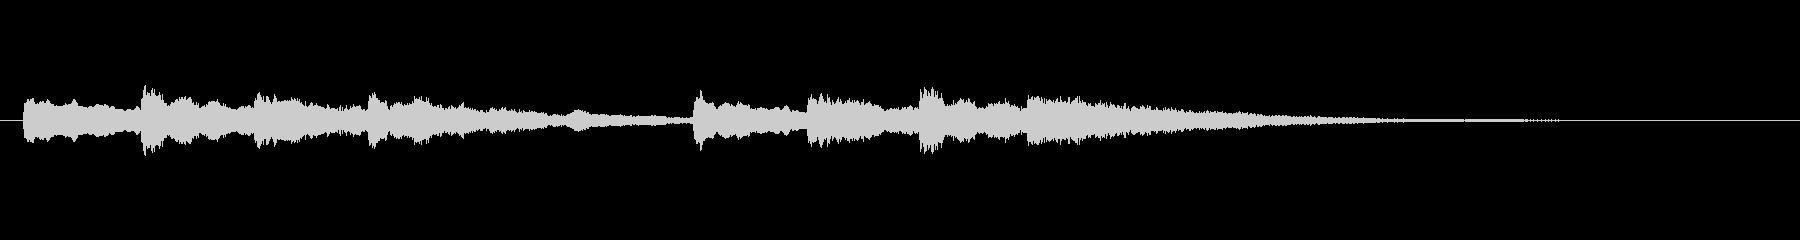 【チャイム 学校03-08】の未再生の波形